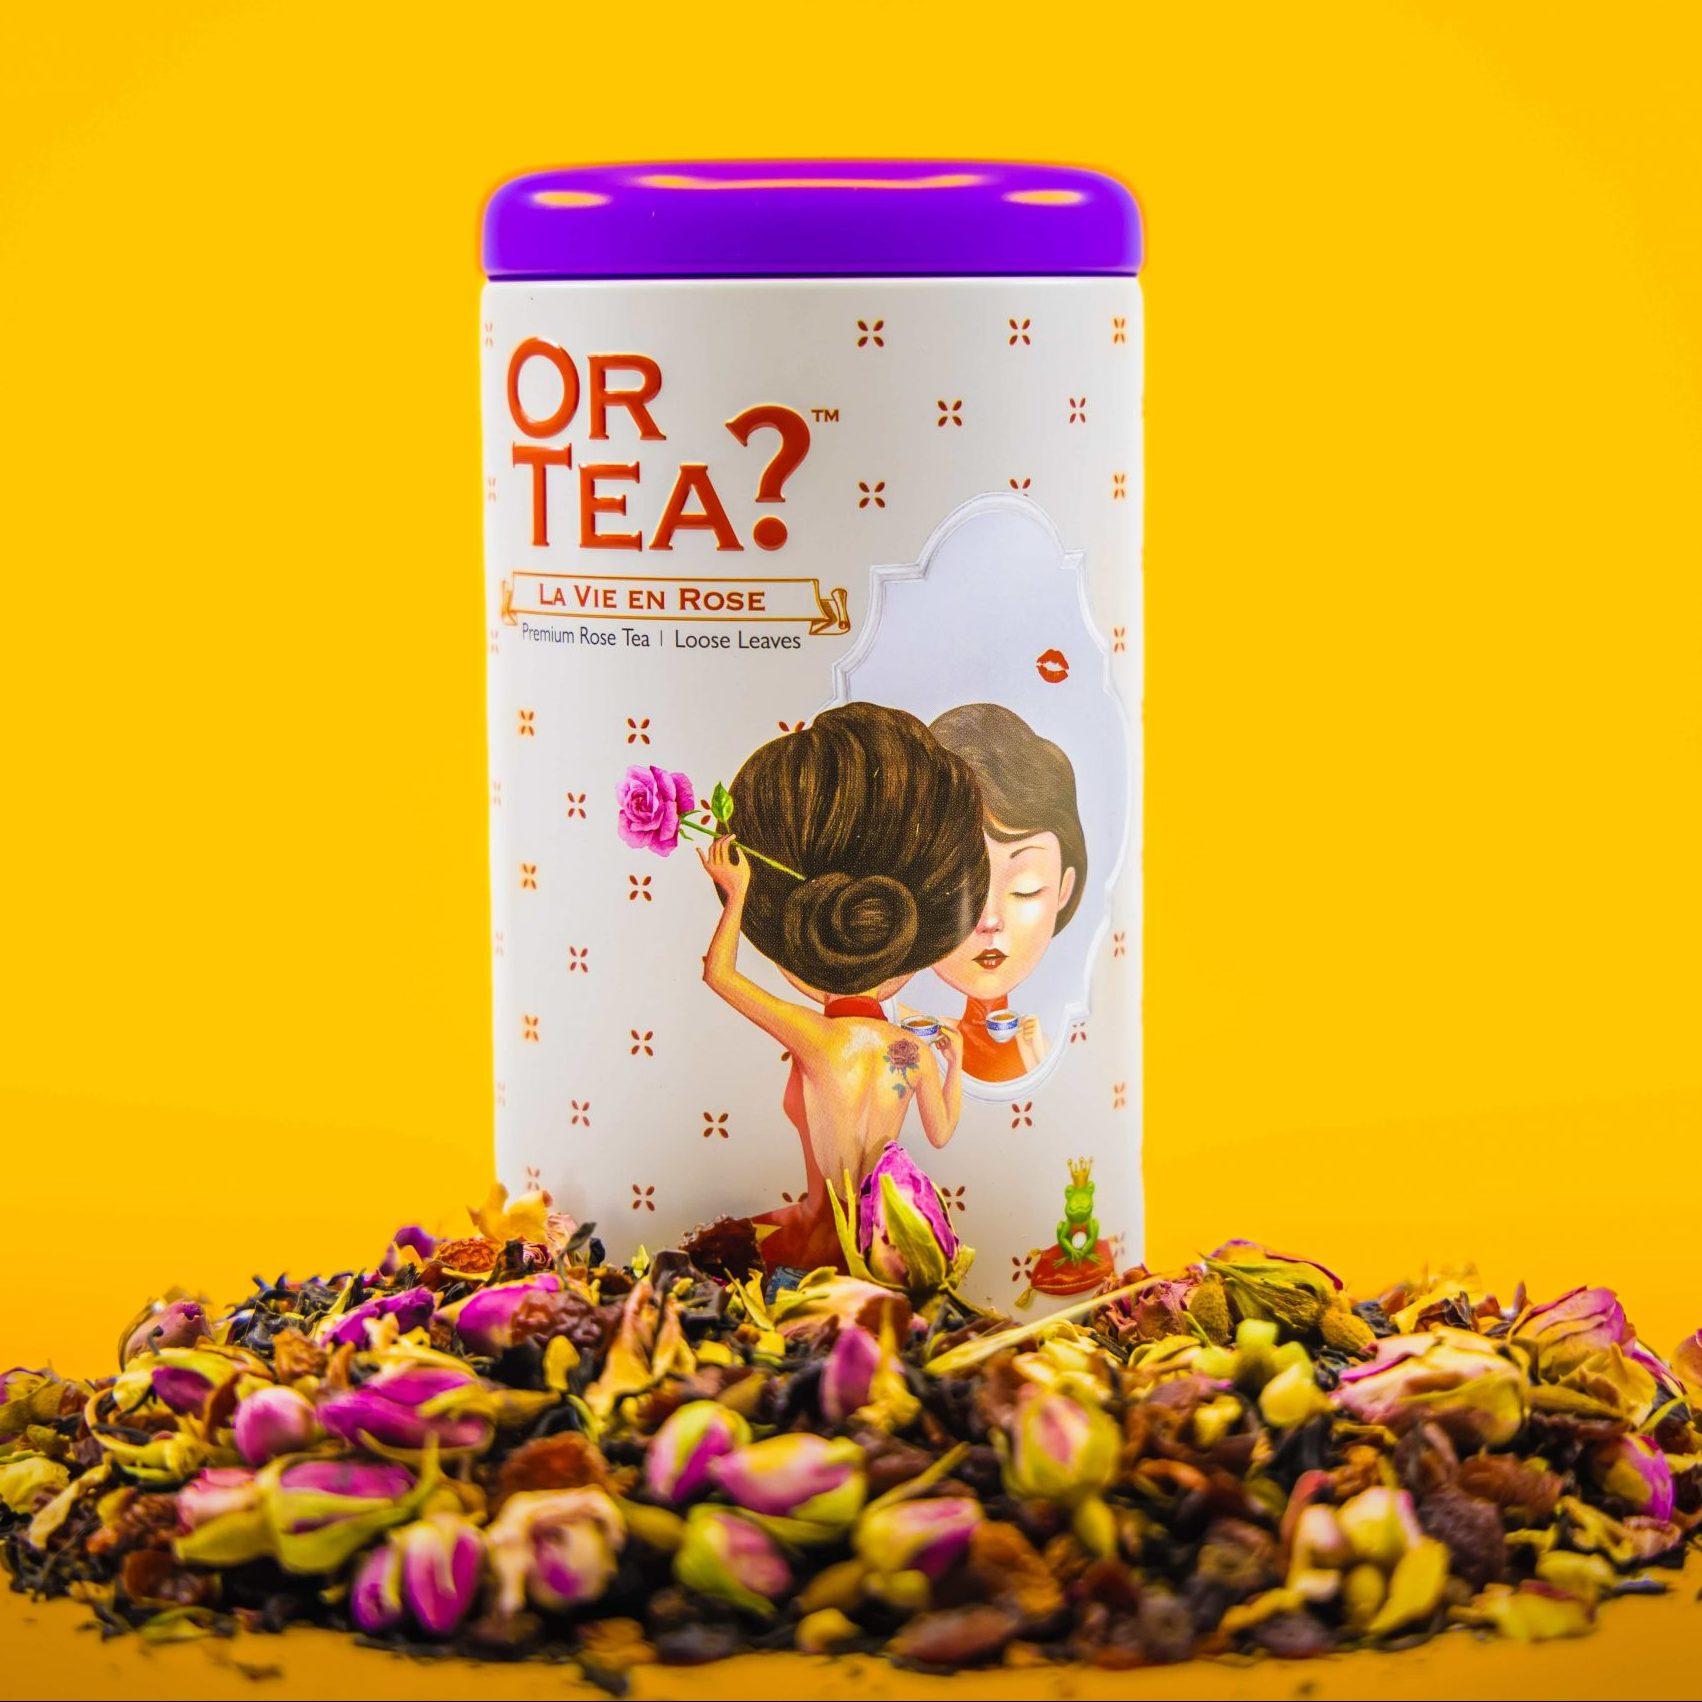 OR TEA? PROMO